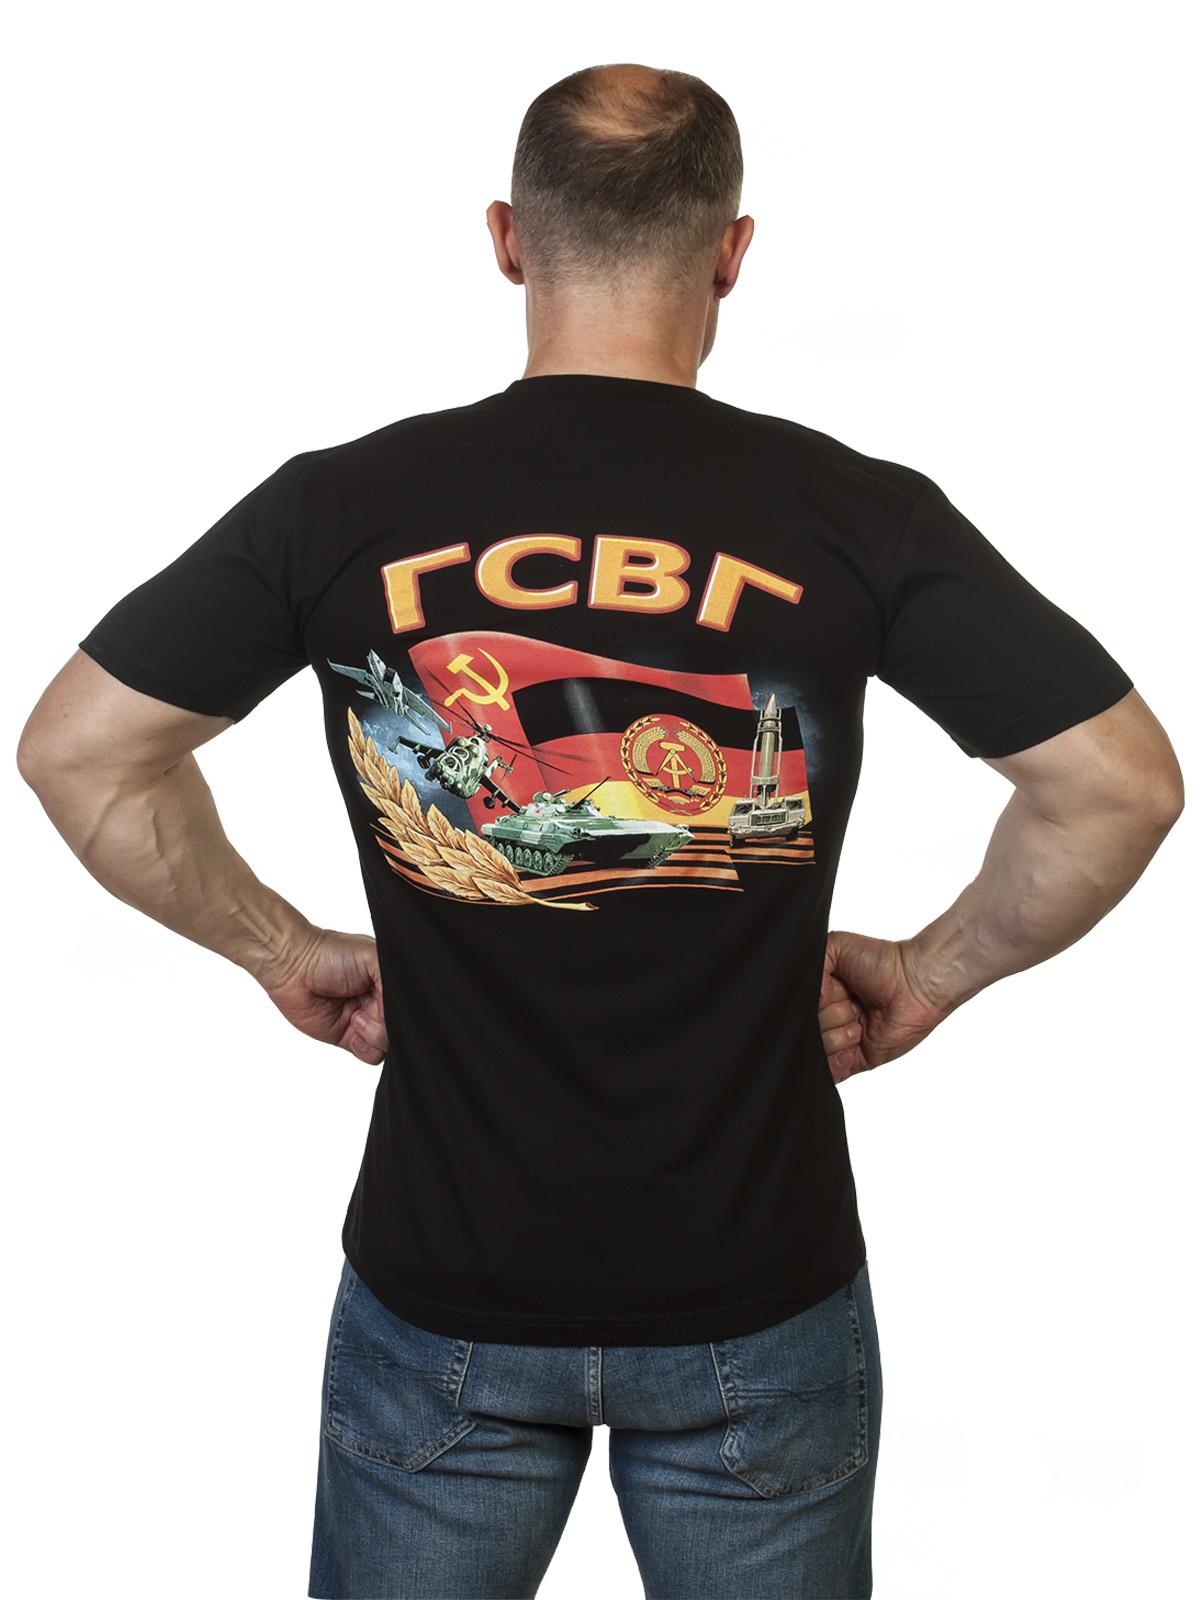 Мужская футболка с военно-патриотическим принтом ГСВГ с доставкой